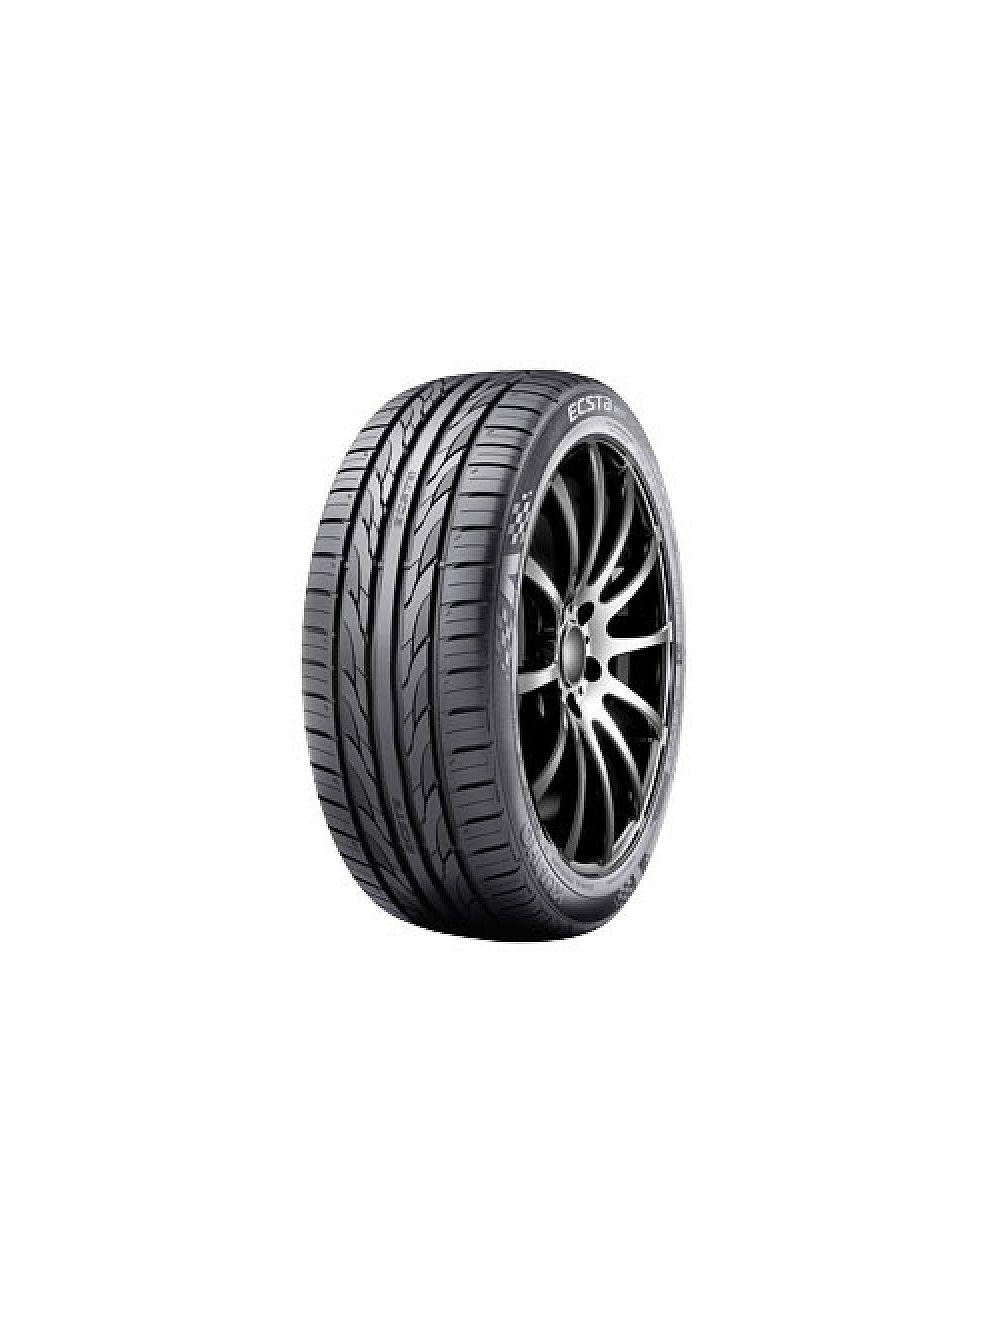 Kumho 245/40R18 W PS31 Ecsta XL Nyári gumi